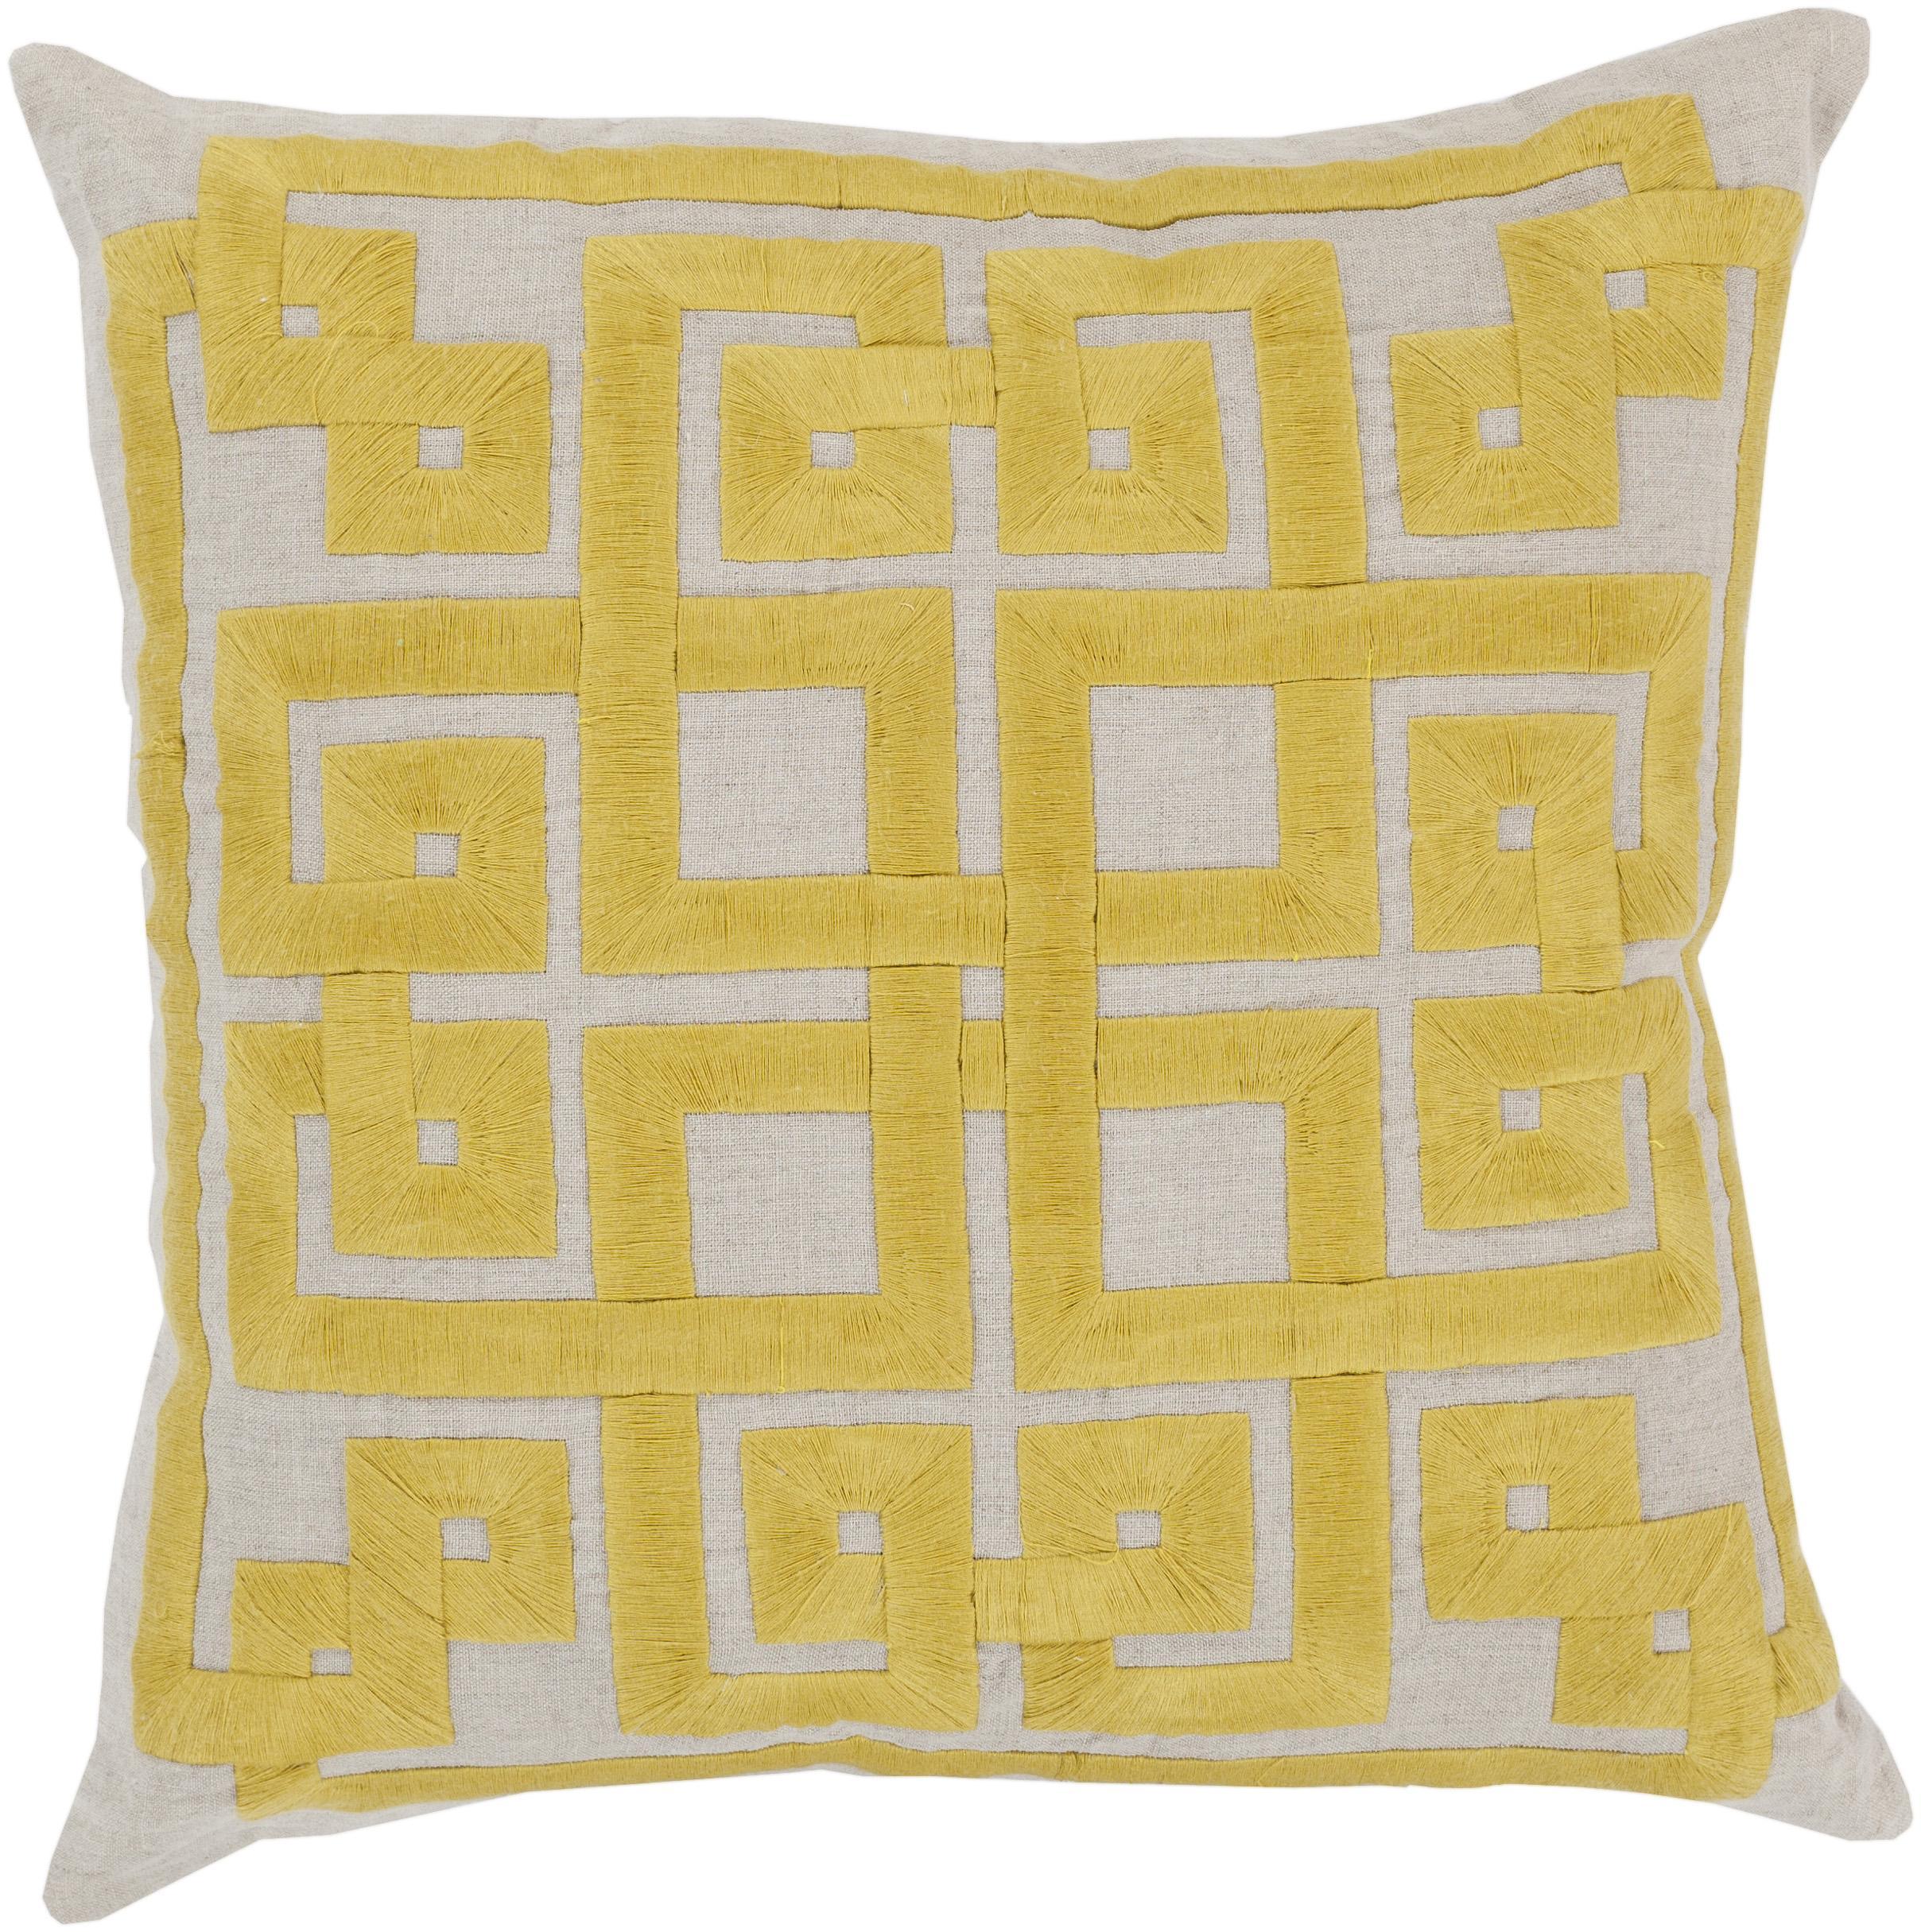 """Surya Rugs Pillows 20"""" x 20"""" Pillow - Item Number: LD005-2020P"""